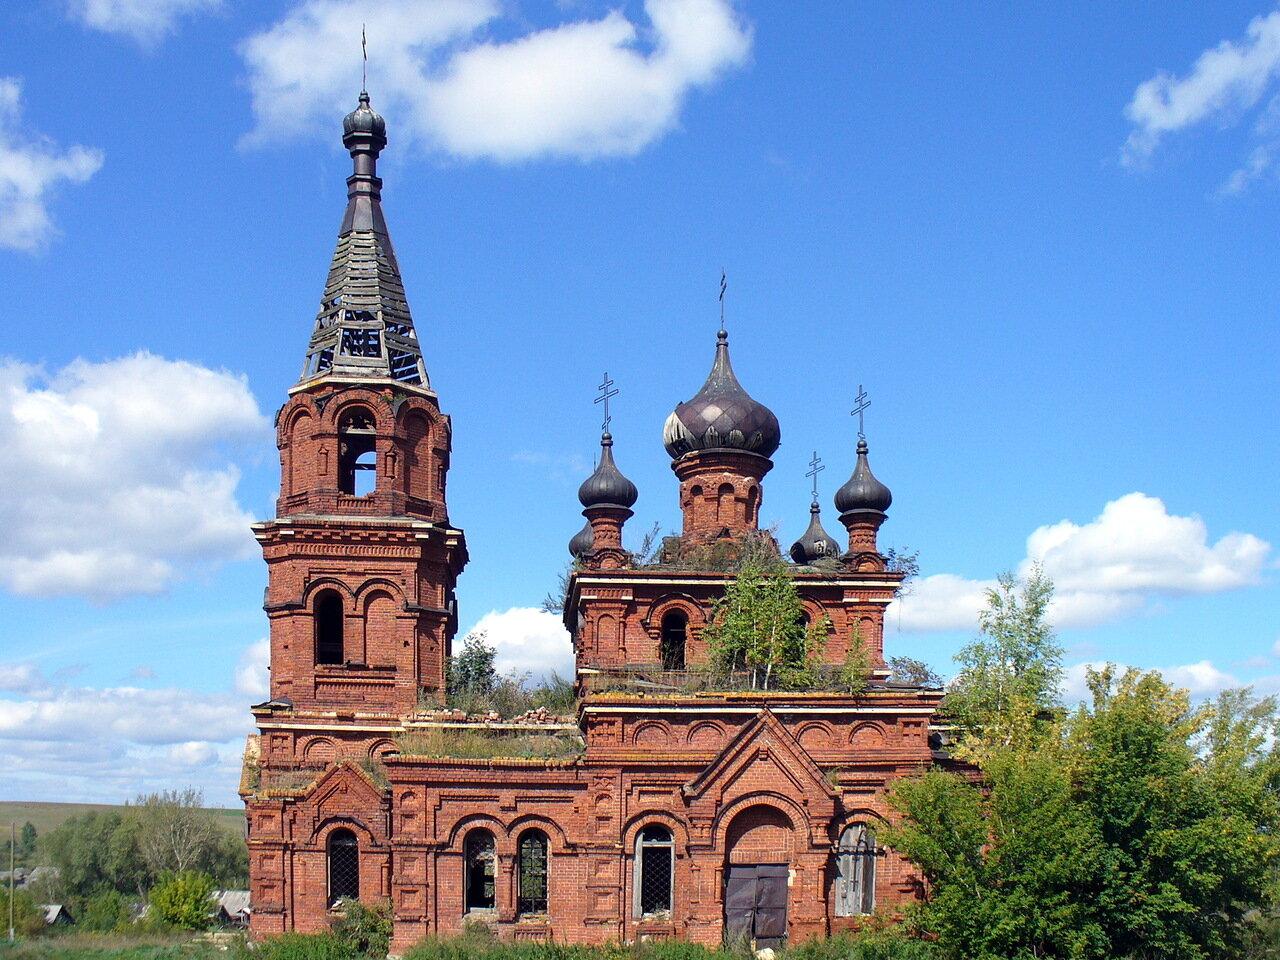 фото церквей в татарстане используют материалы